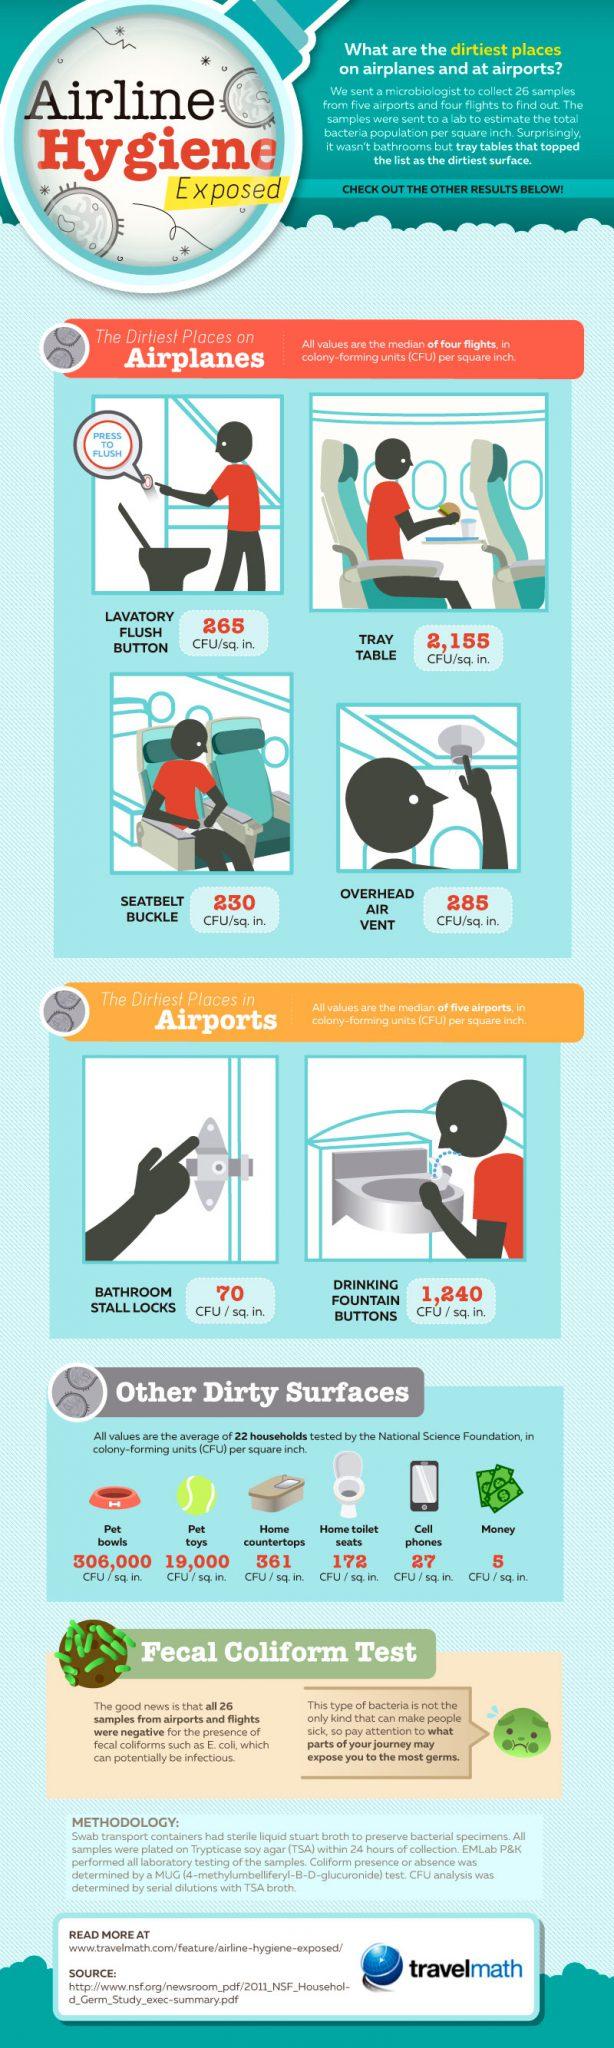 دراسة - هذه هي الأماكن الأكثر قذارة في الطائرة!